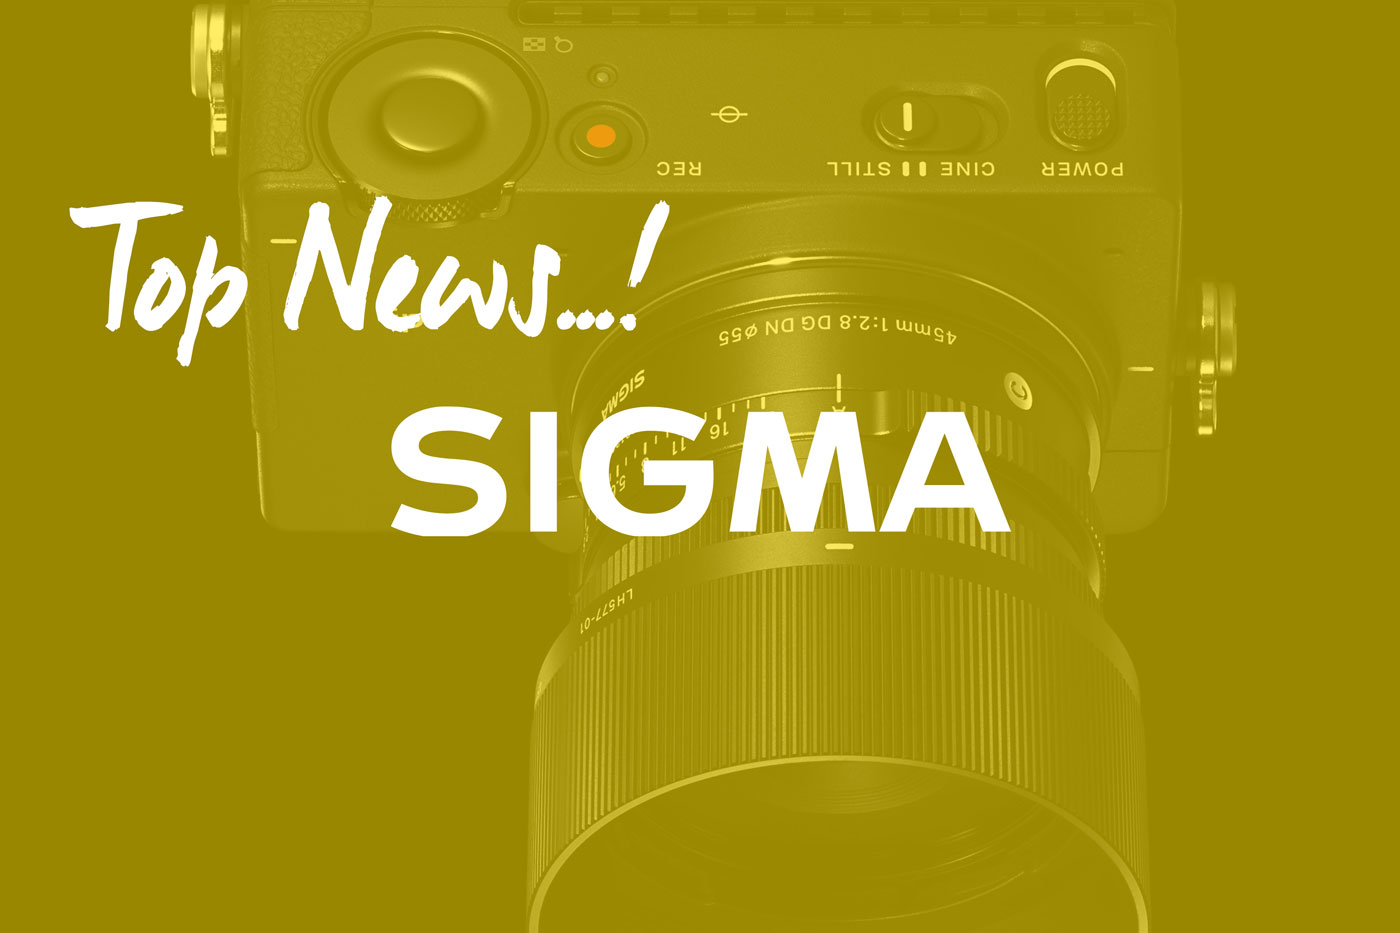 Die Top Neuheiten von Sigma